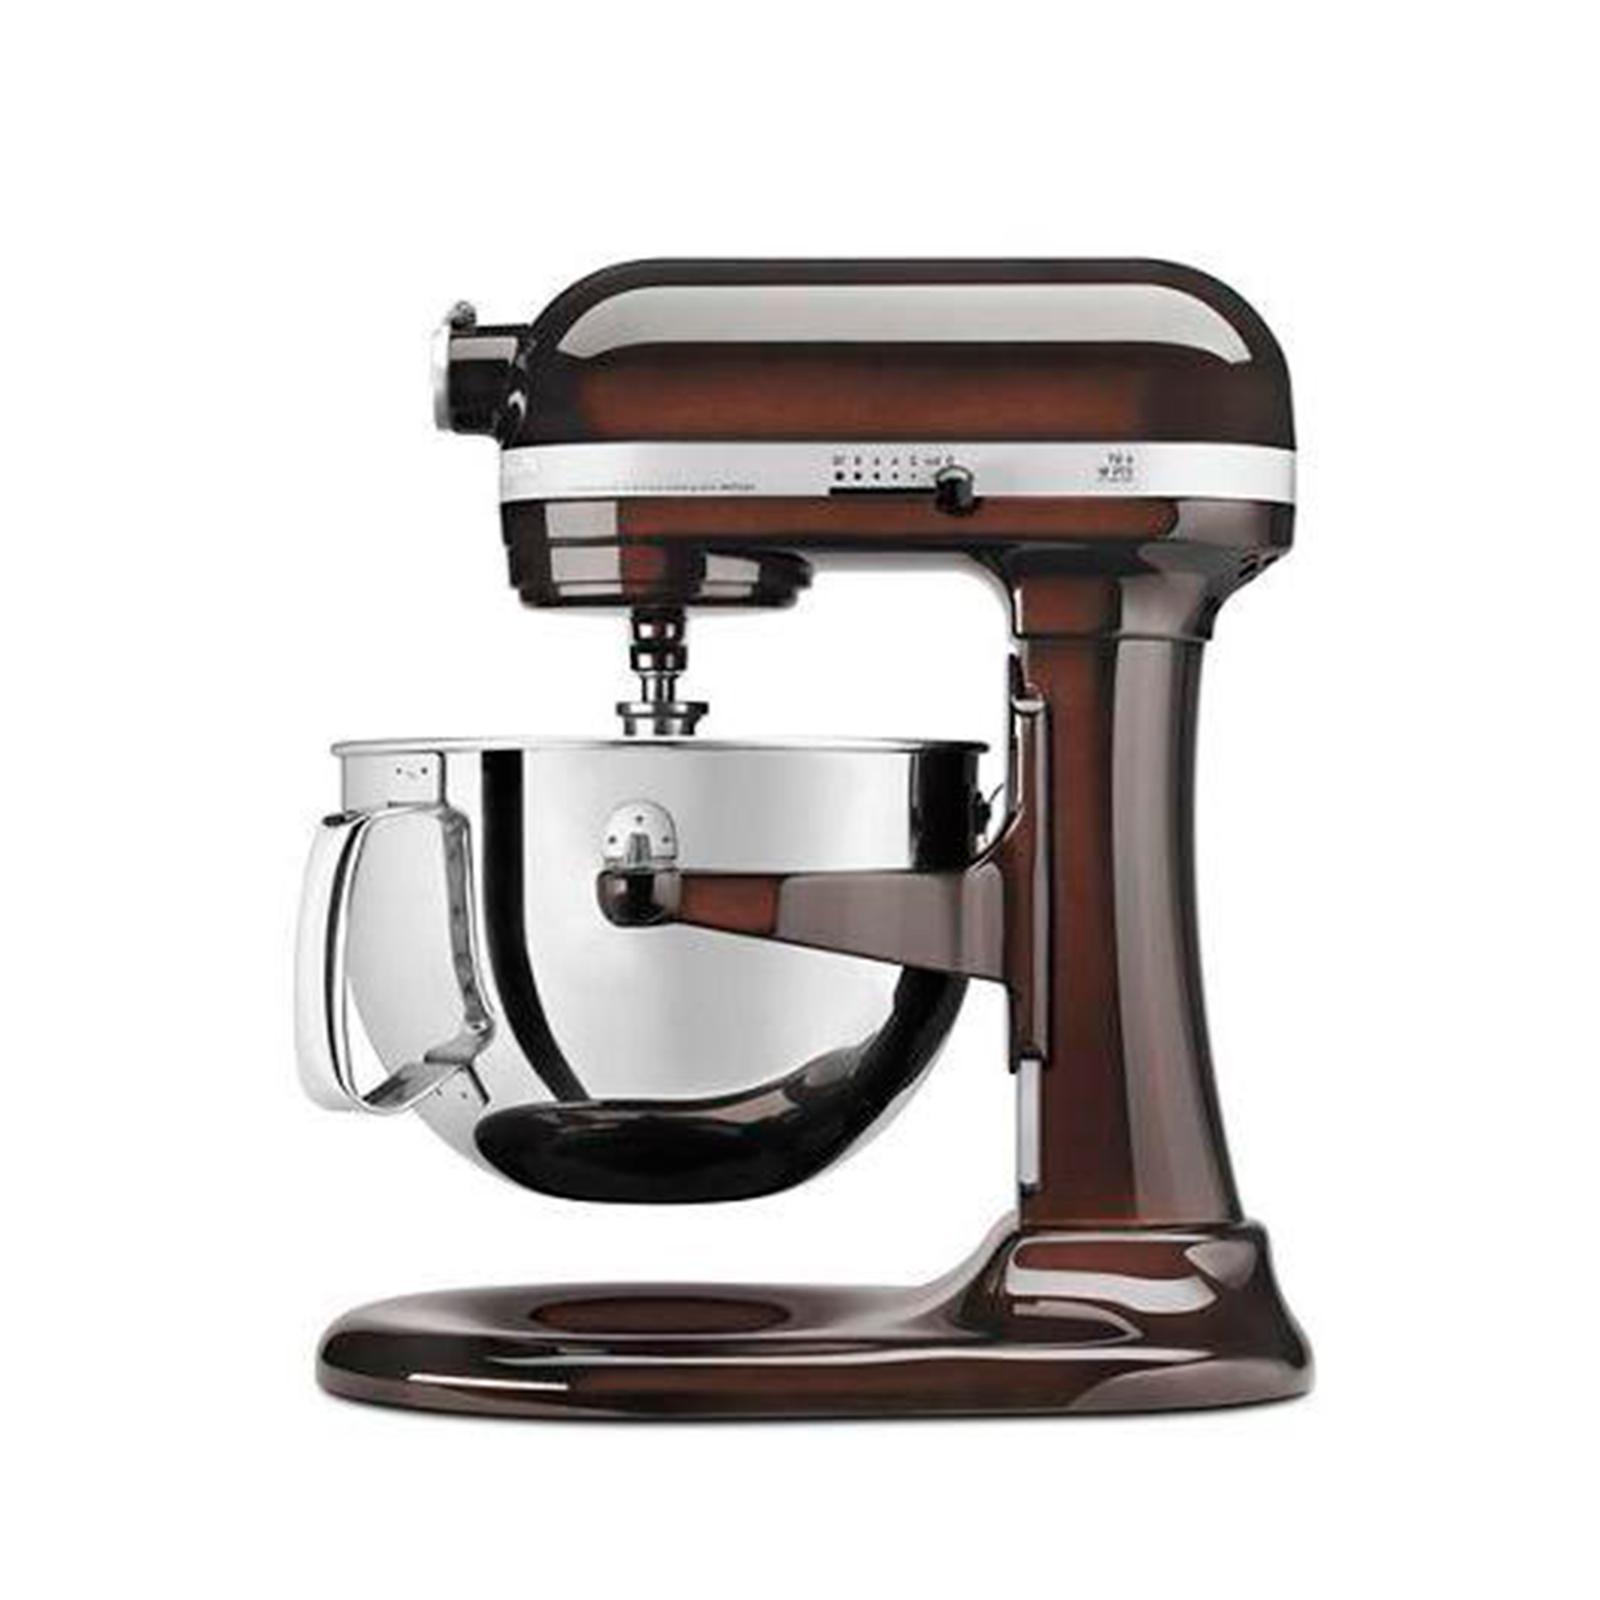 professional bowl lift stand mixer espresso 6